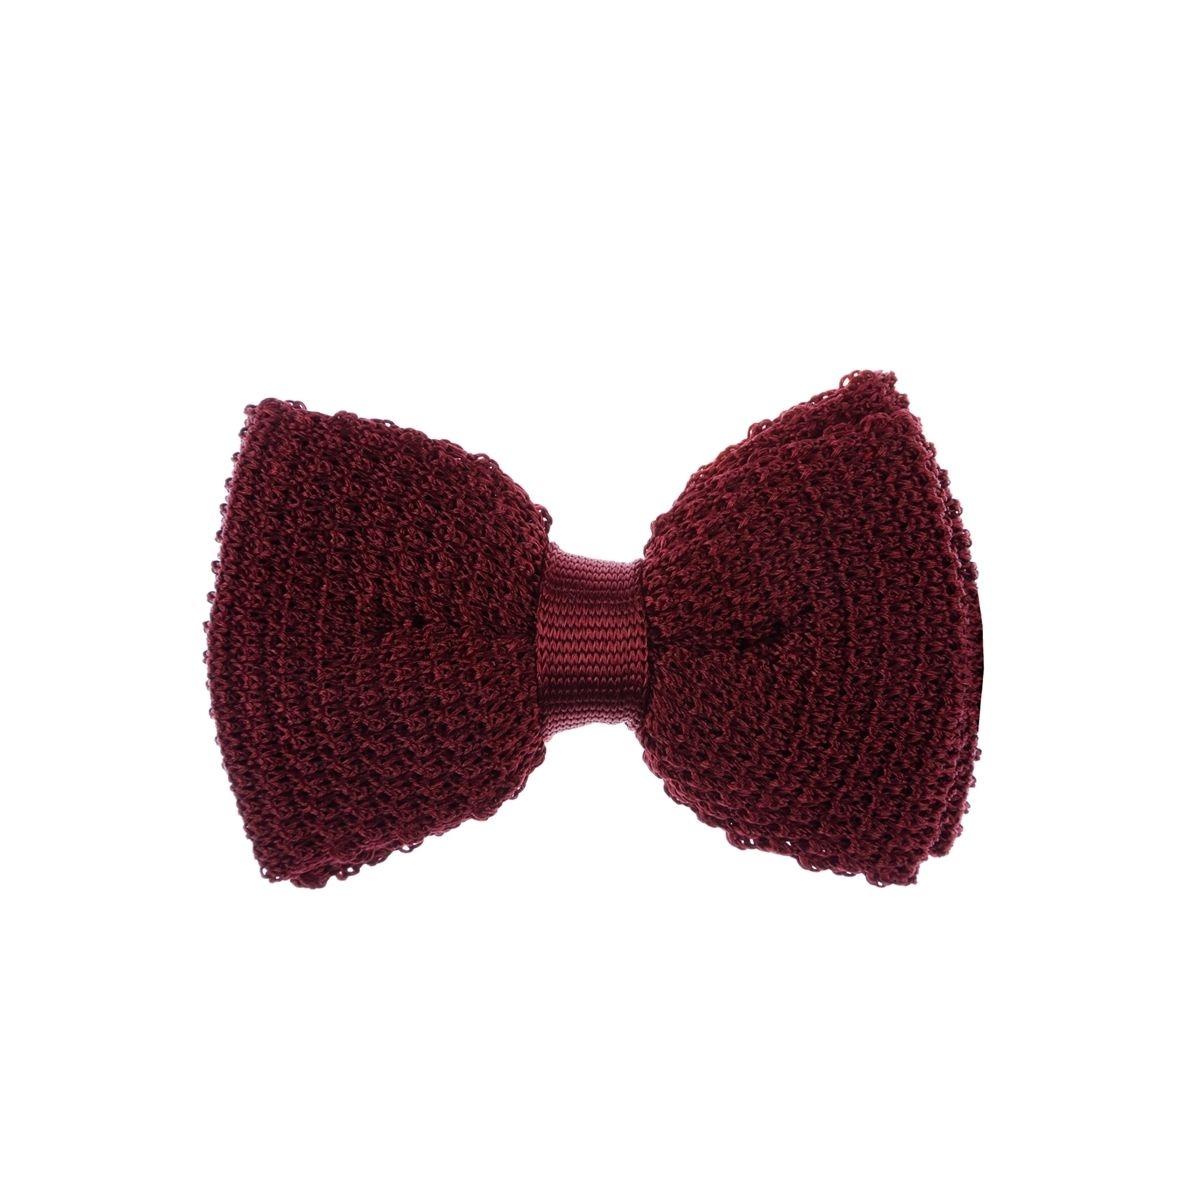 Noeud papillon en tricot de soie